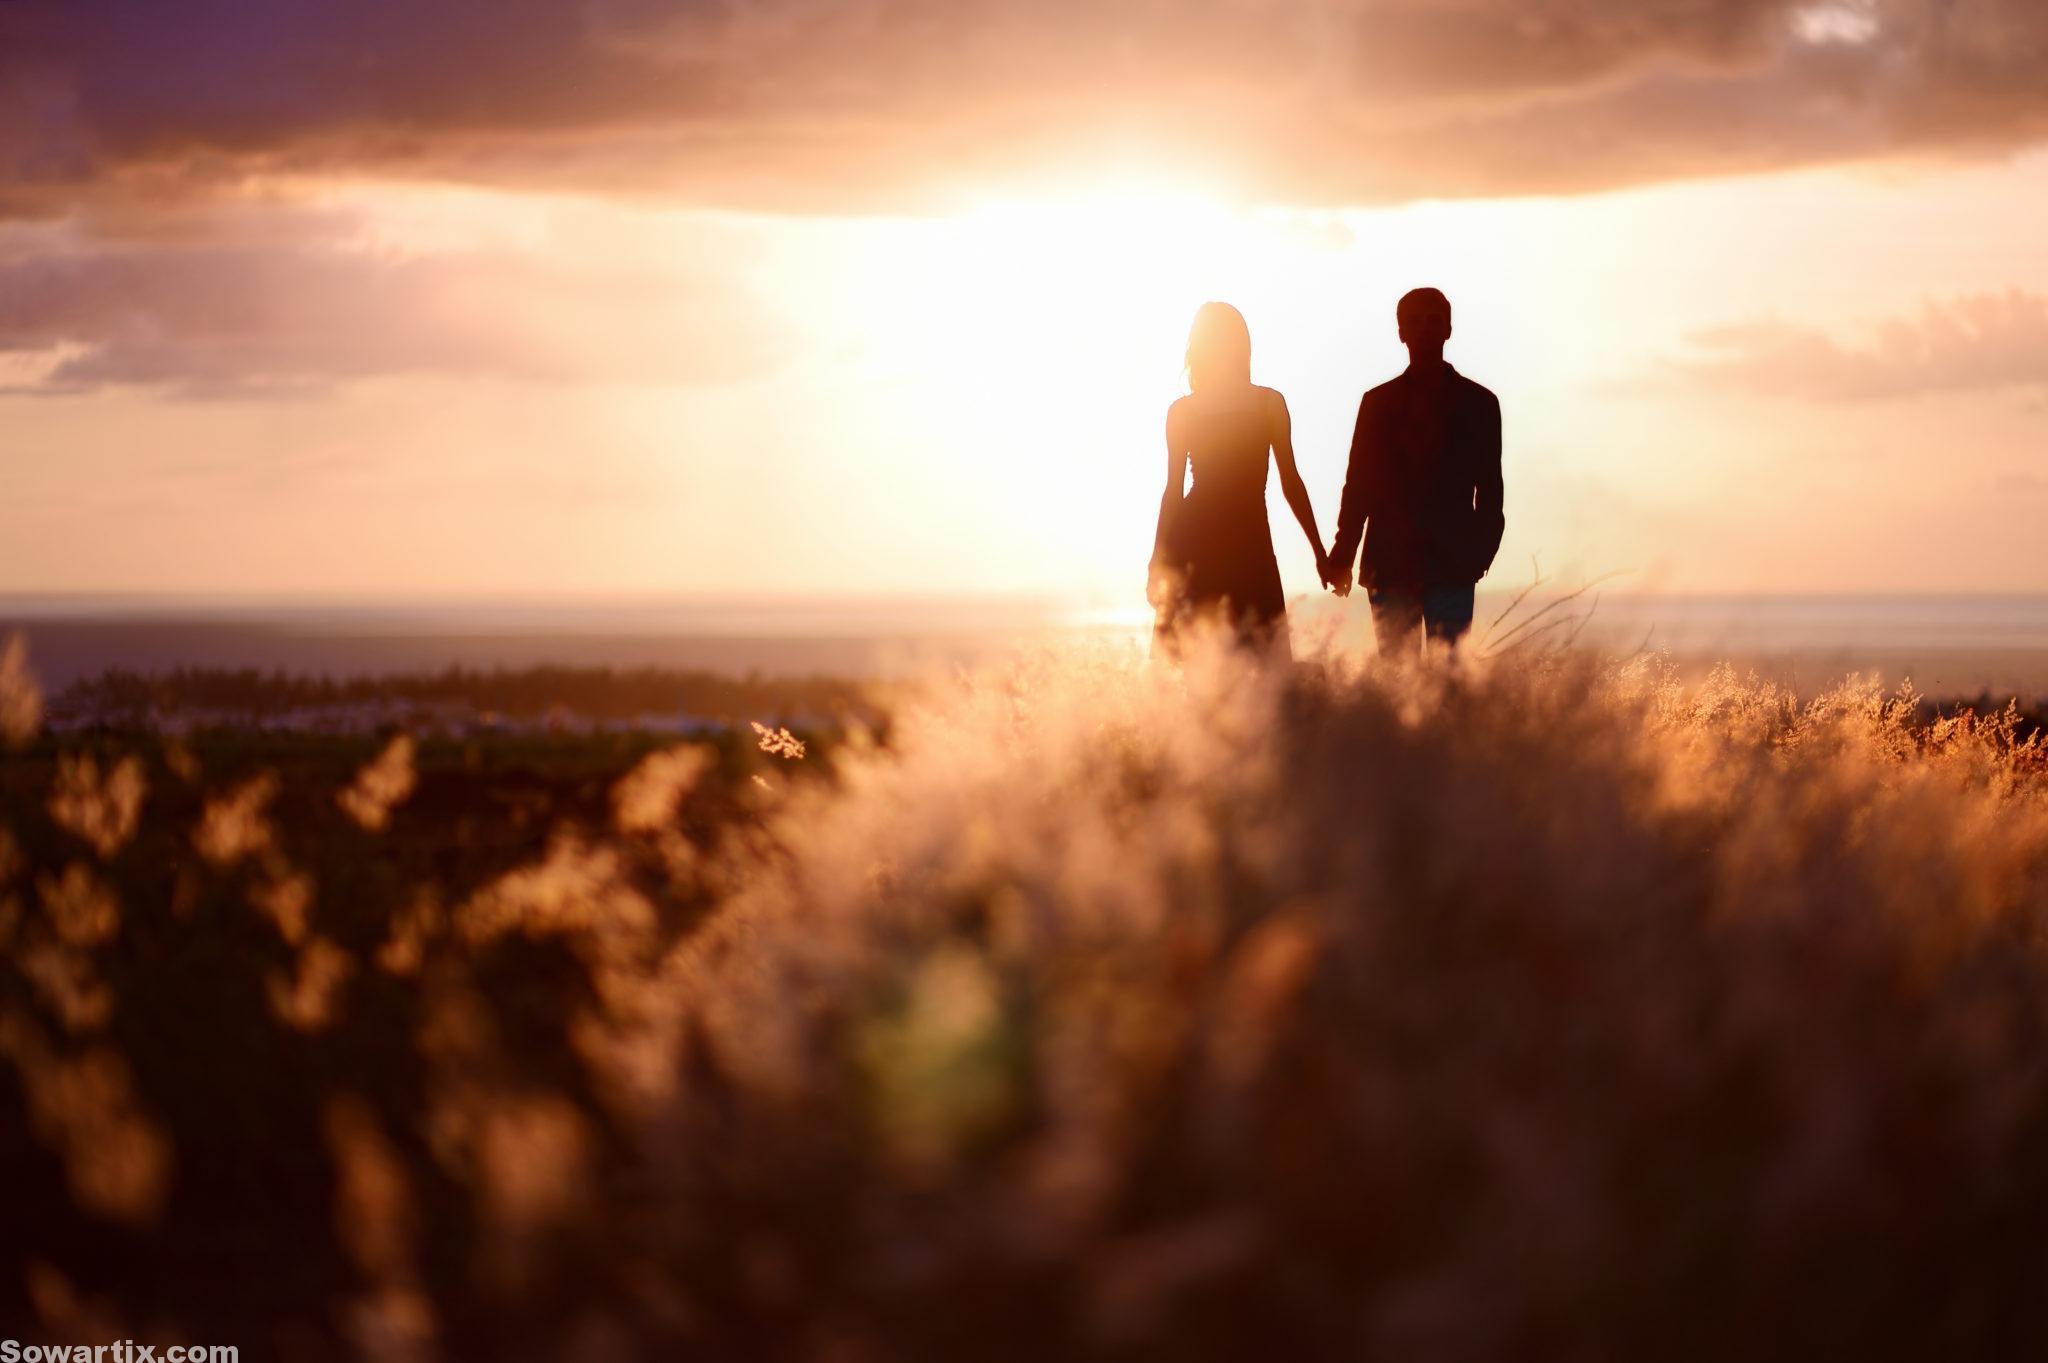 صورة صور جميله رومنسيه , صور وخلفيات رومانسية